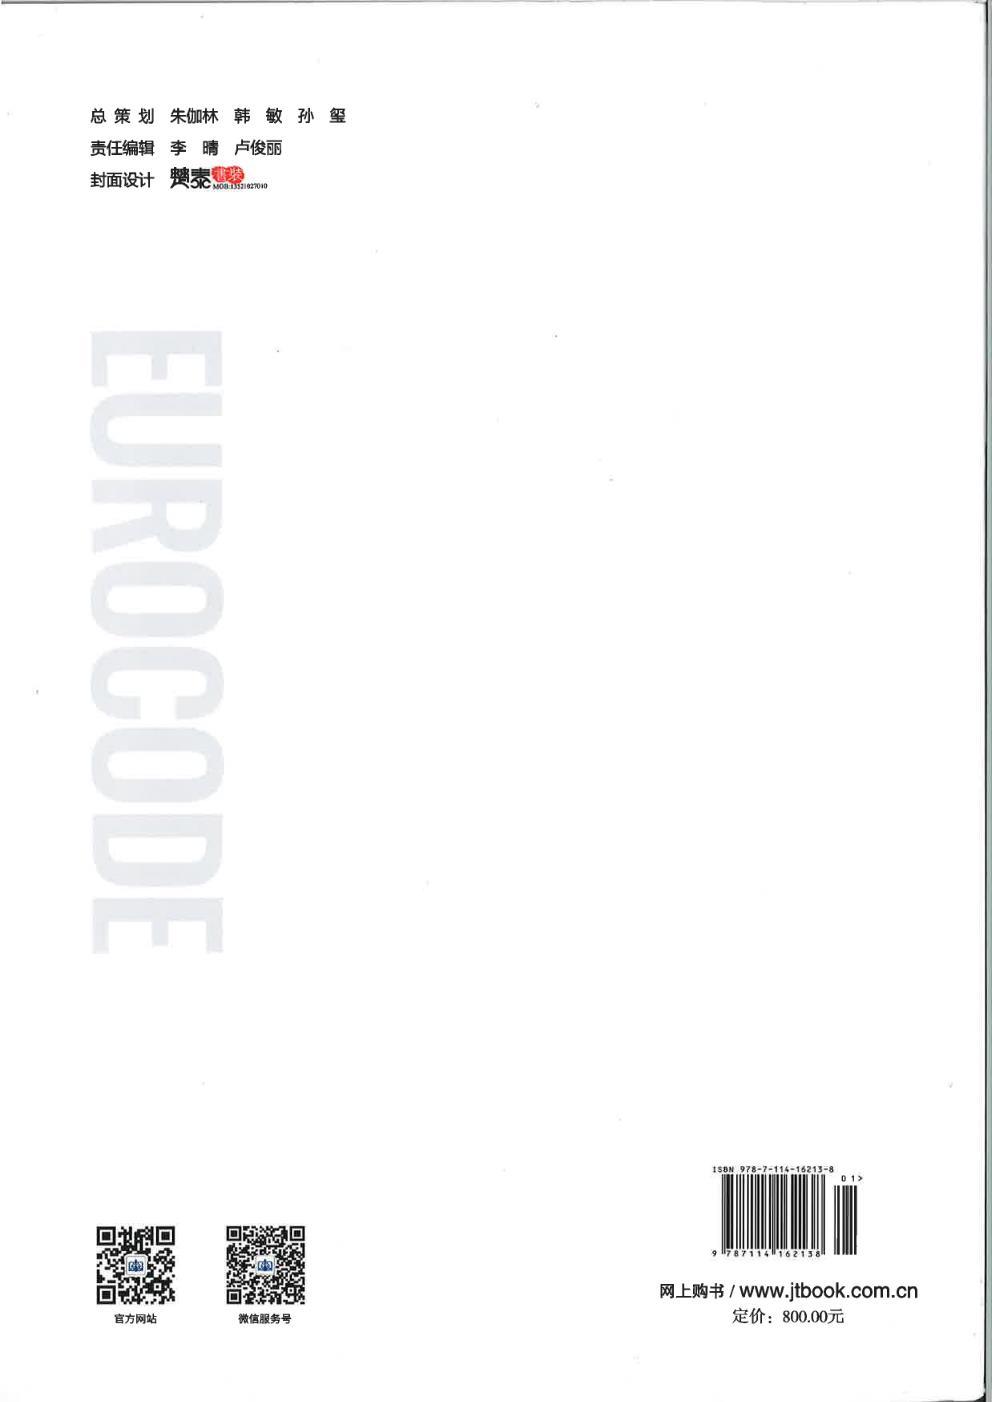 欧洲标准-Eurocode3设计指南:房屋建筑钢结构设计EN1993-1-1、-1-3和-1-8(第2版)-Page-012